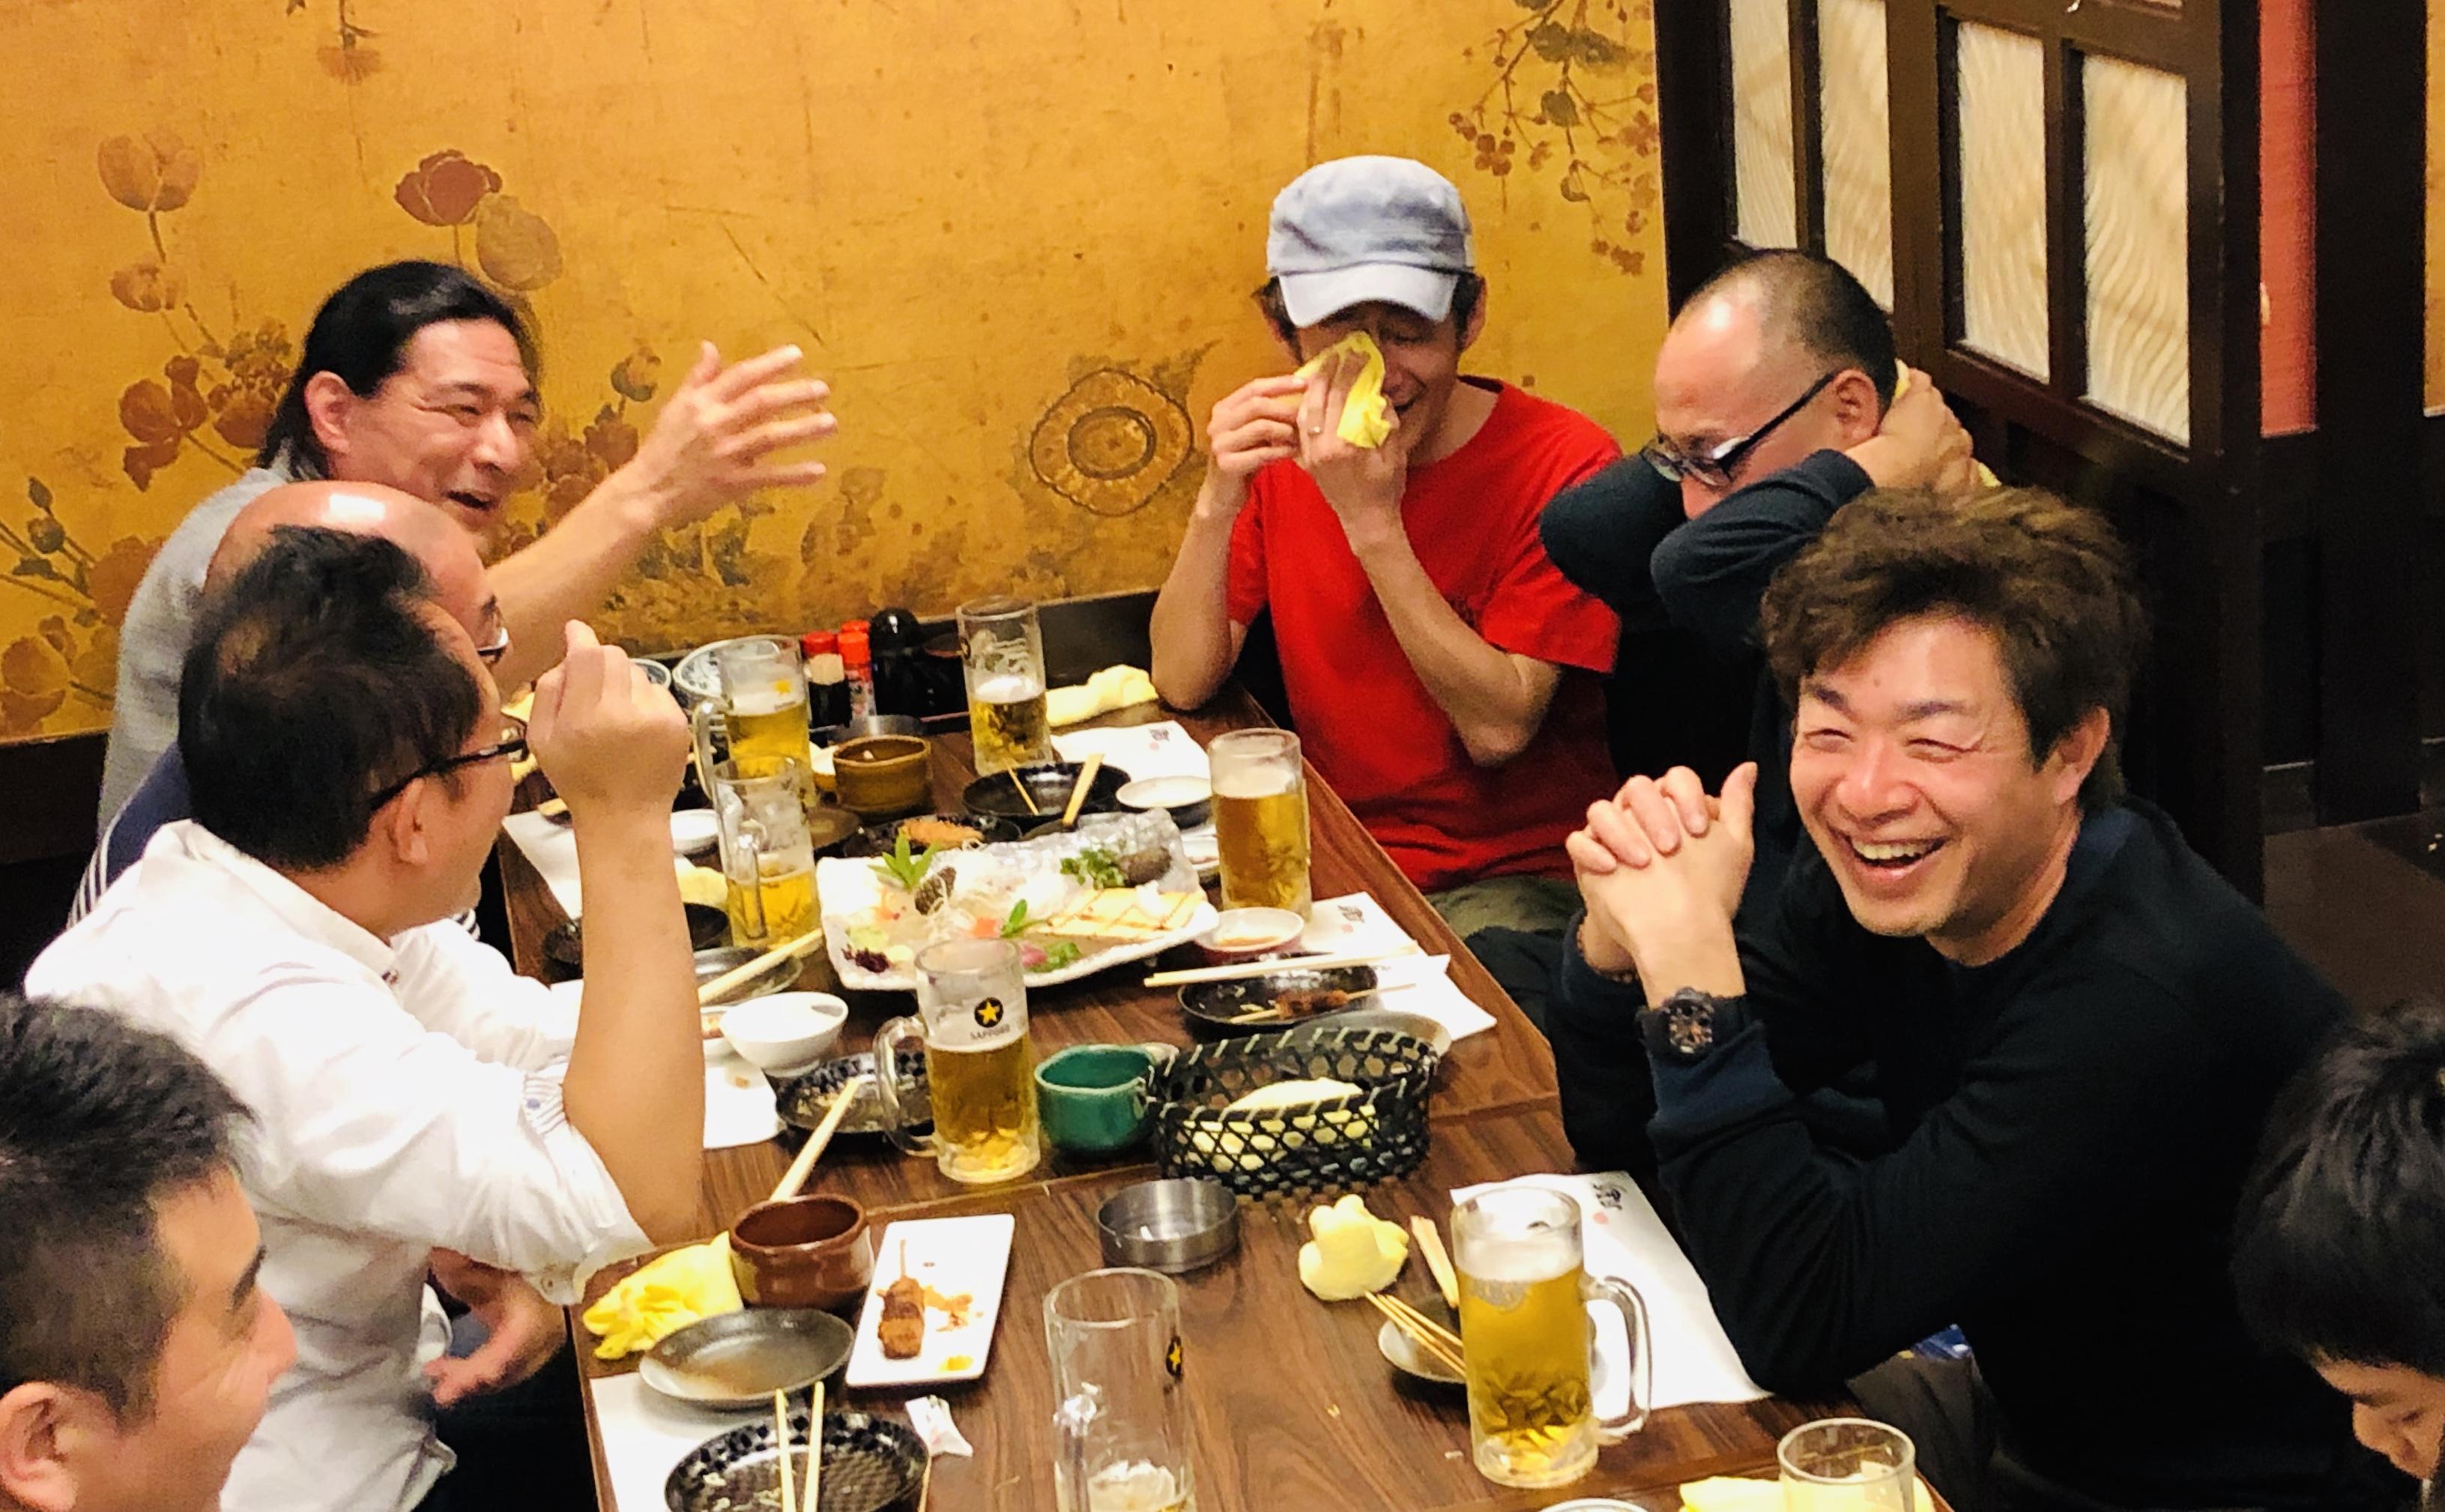 ファザーリング・ジャパン東海支部の飲み会に混ぜてもらいました。